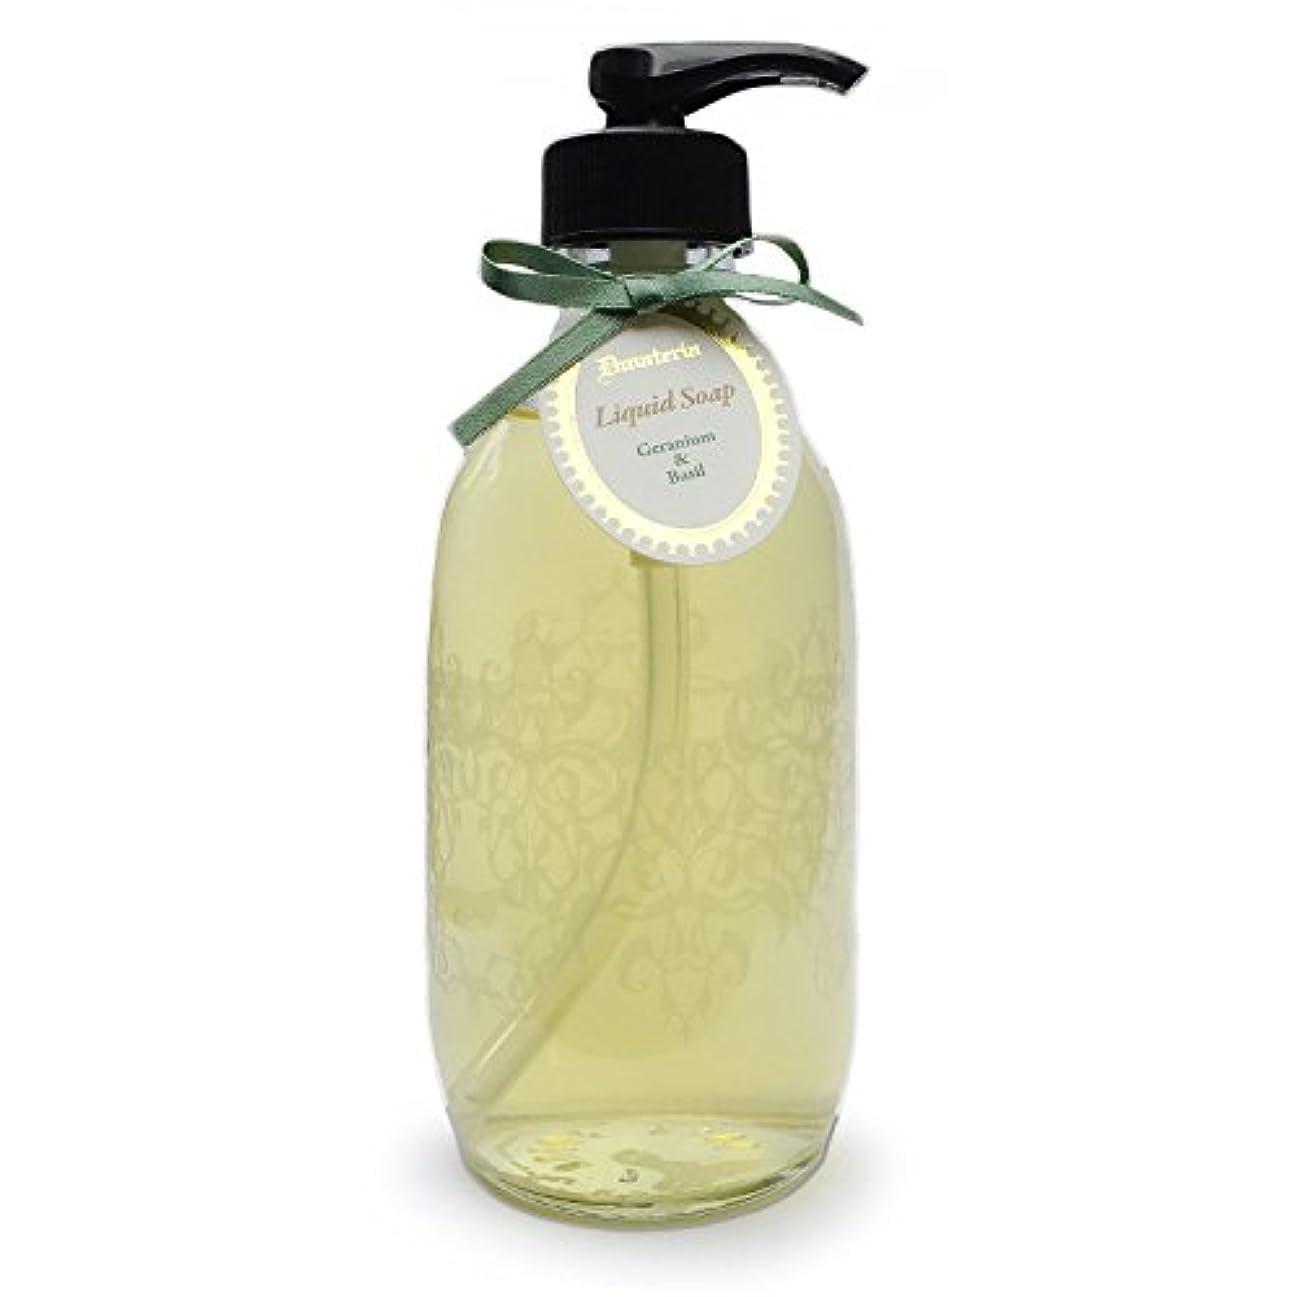 叱るサラミ合意D materia リキッドソープ ゼラニウム&バジル Geranium&Basil Liquid Soap ディーマテリア